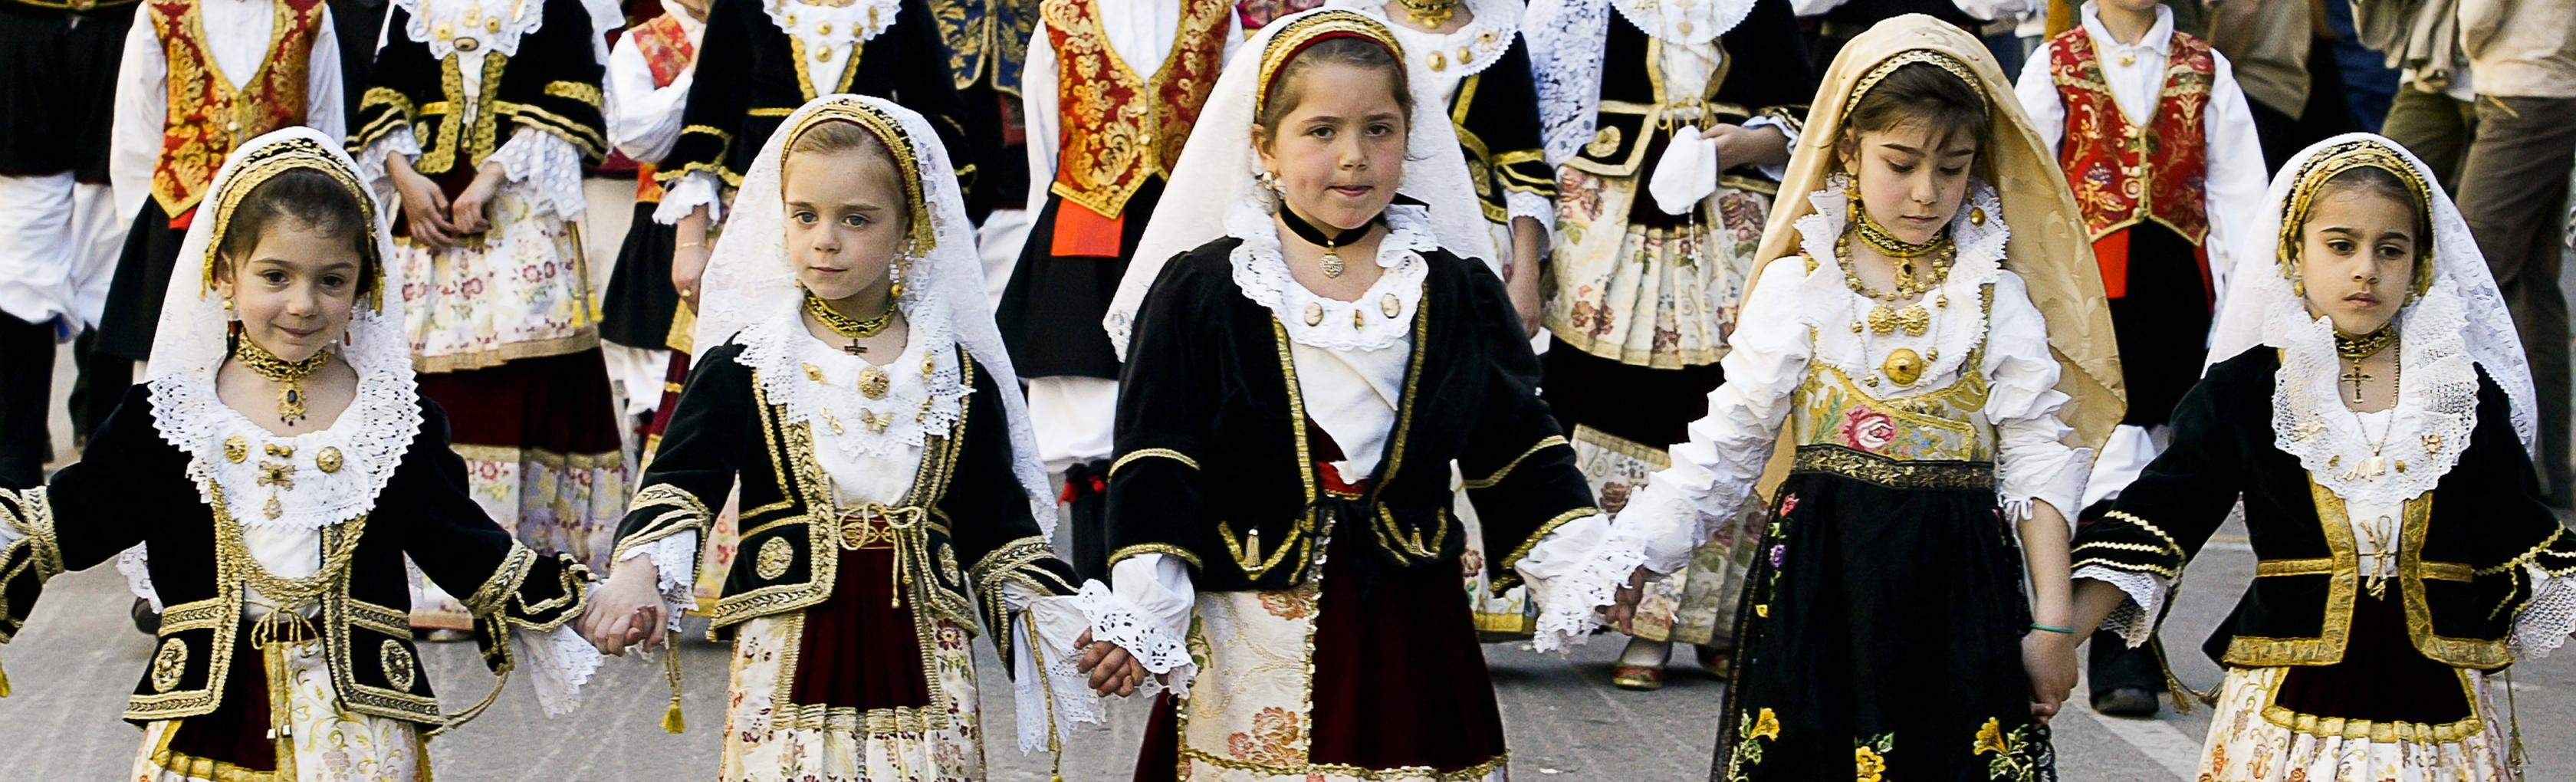 Festa di sant'Efisio - Cagliari